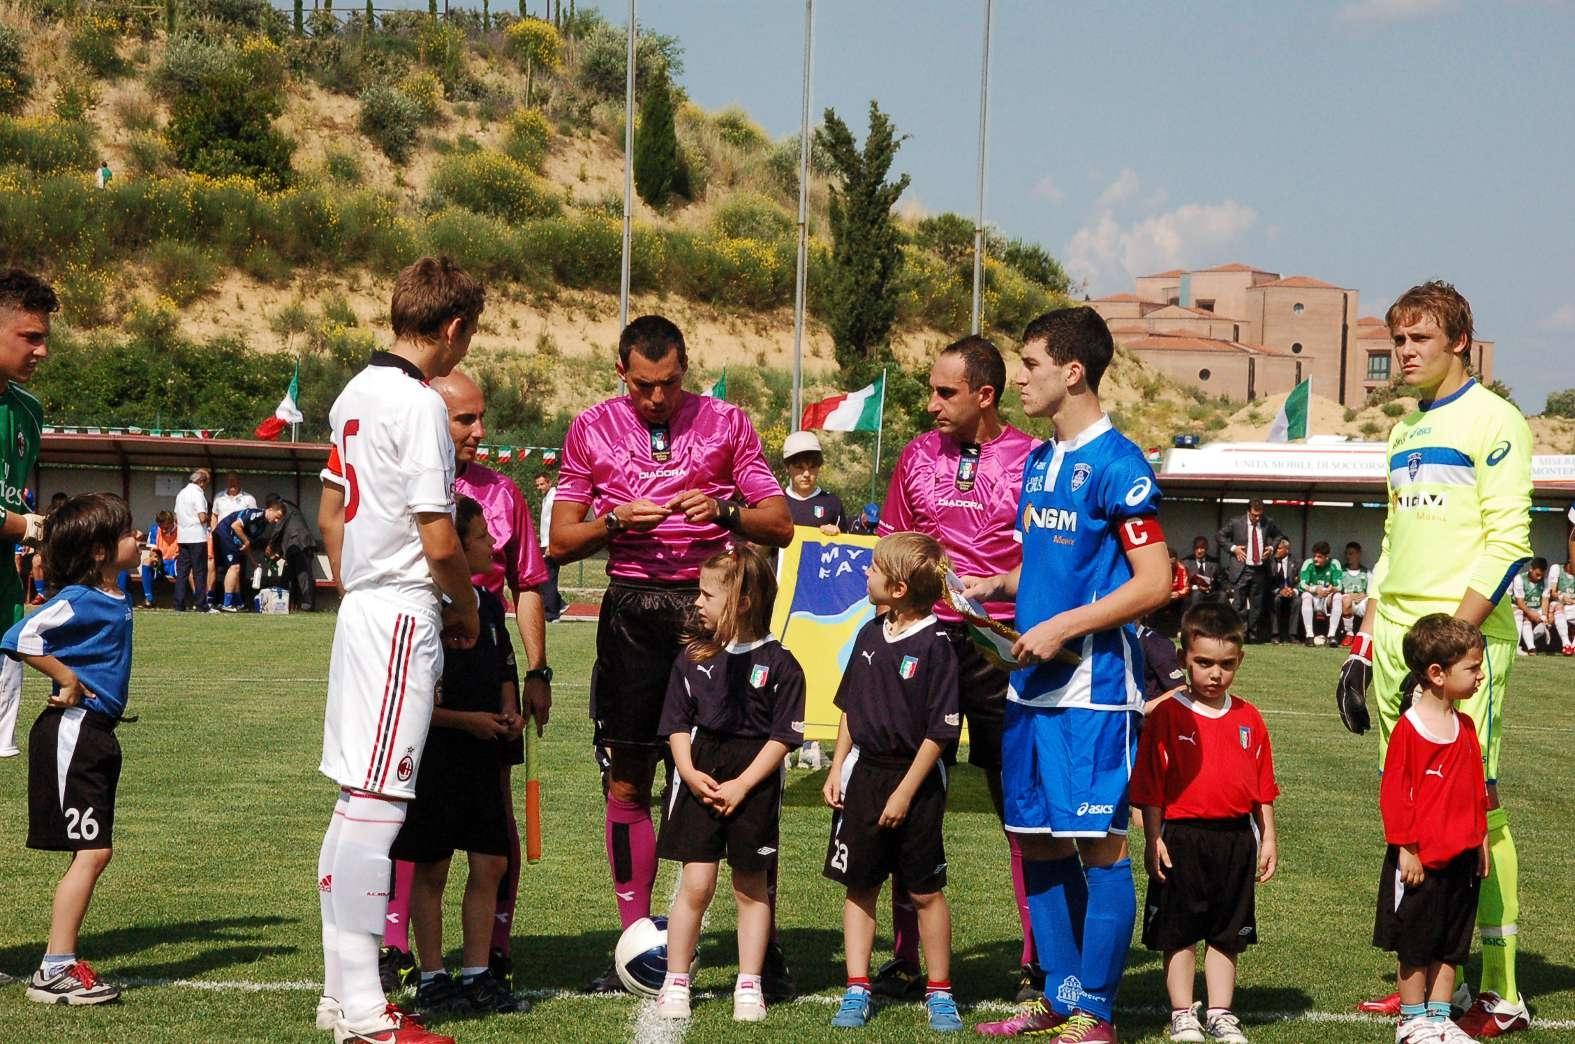 Montepulciano: La Carta Etica dello Sport debutta nelle finali nazionali di calcio giovanile